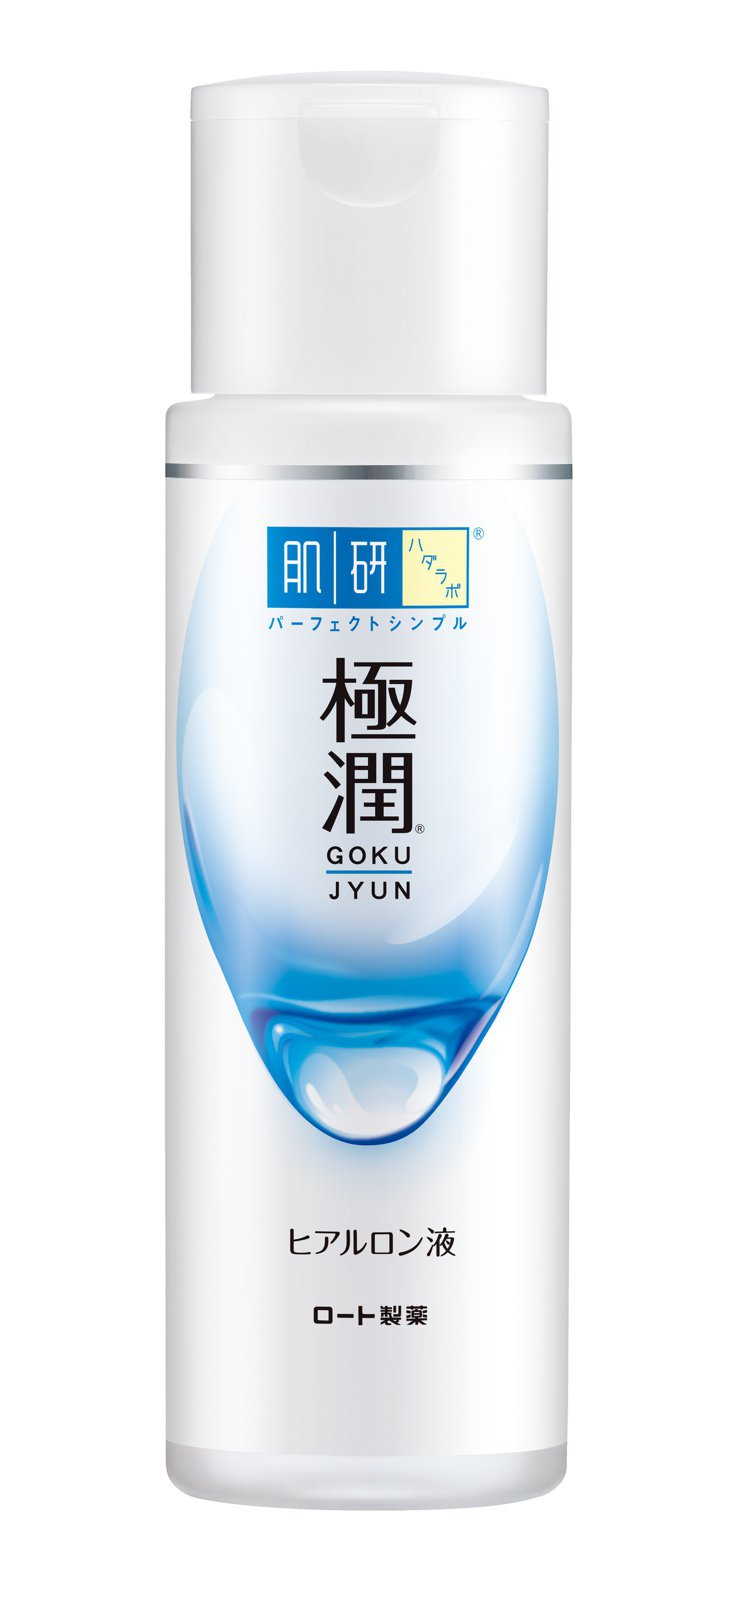 肌研極潤保濕化粧水/170mL/440元。圖/肌研提供